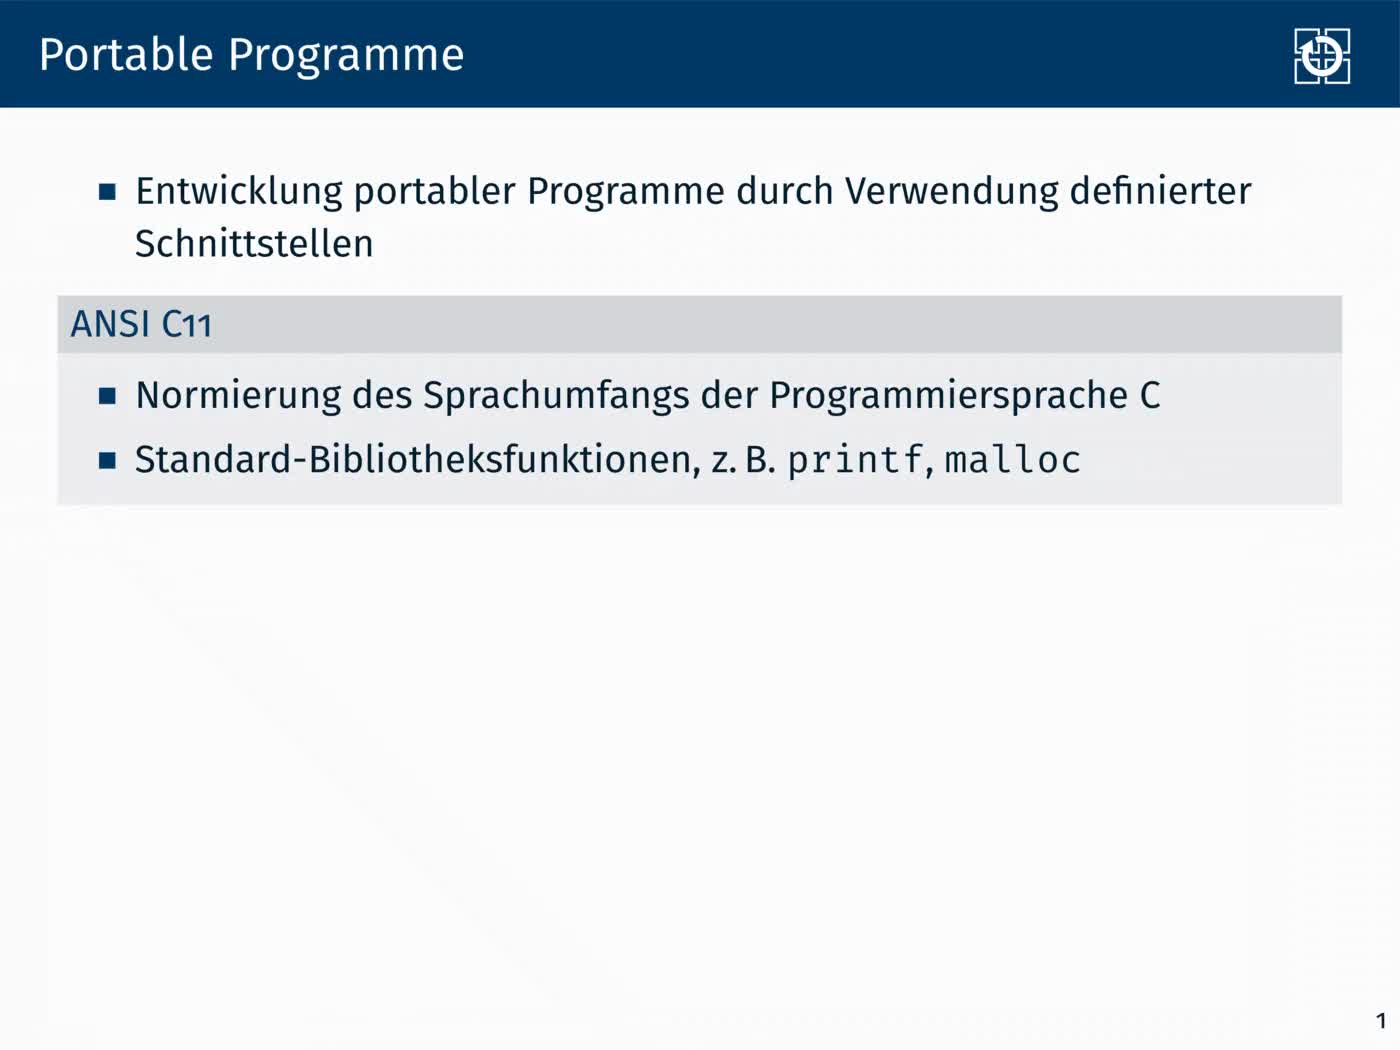 1.2 Dynamische Speicherverwaltung: Portabilität preview image